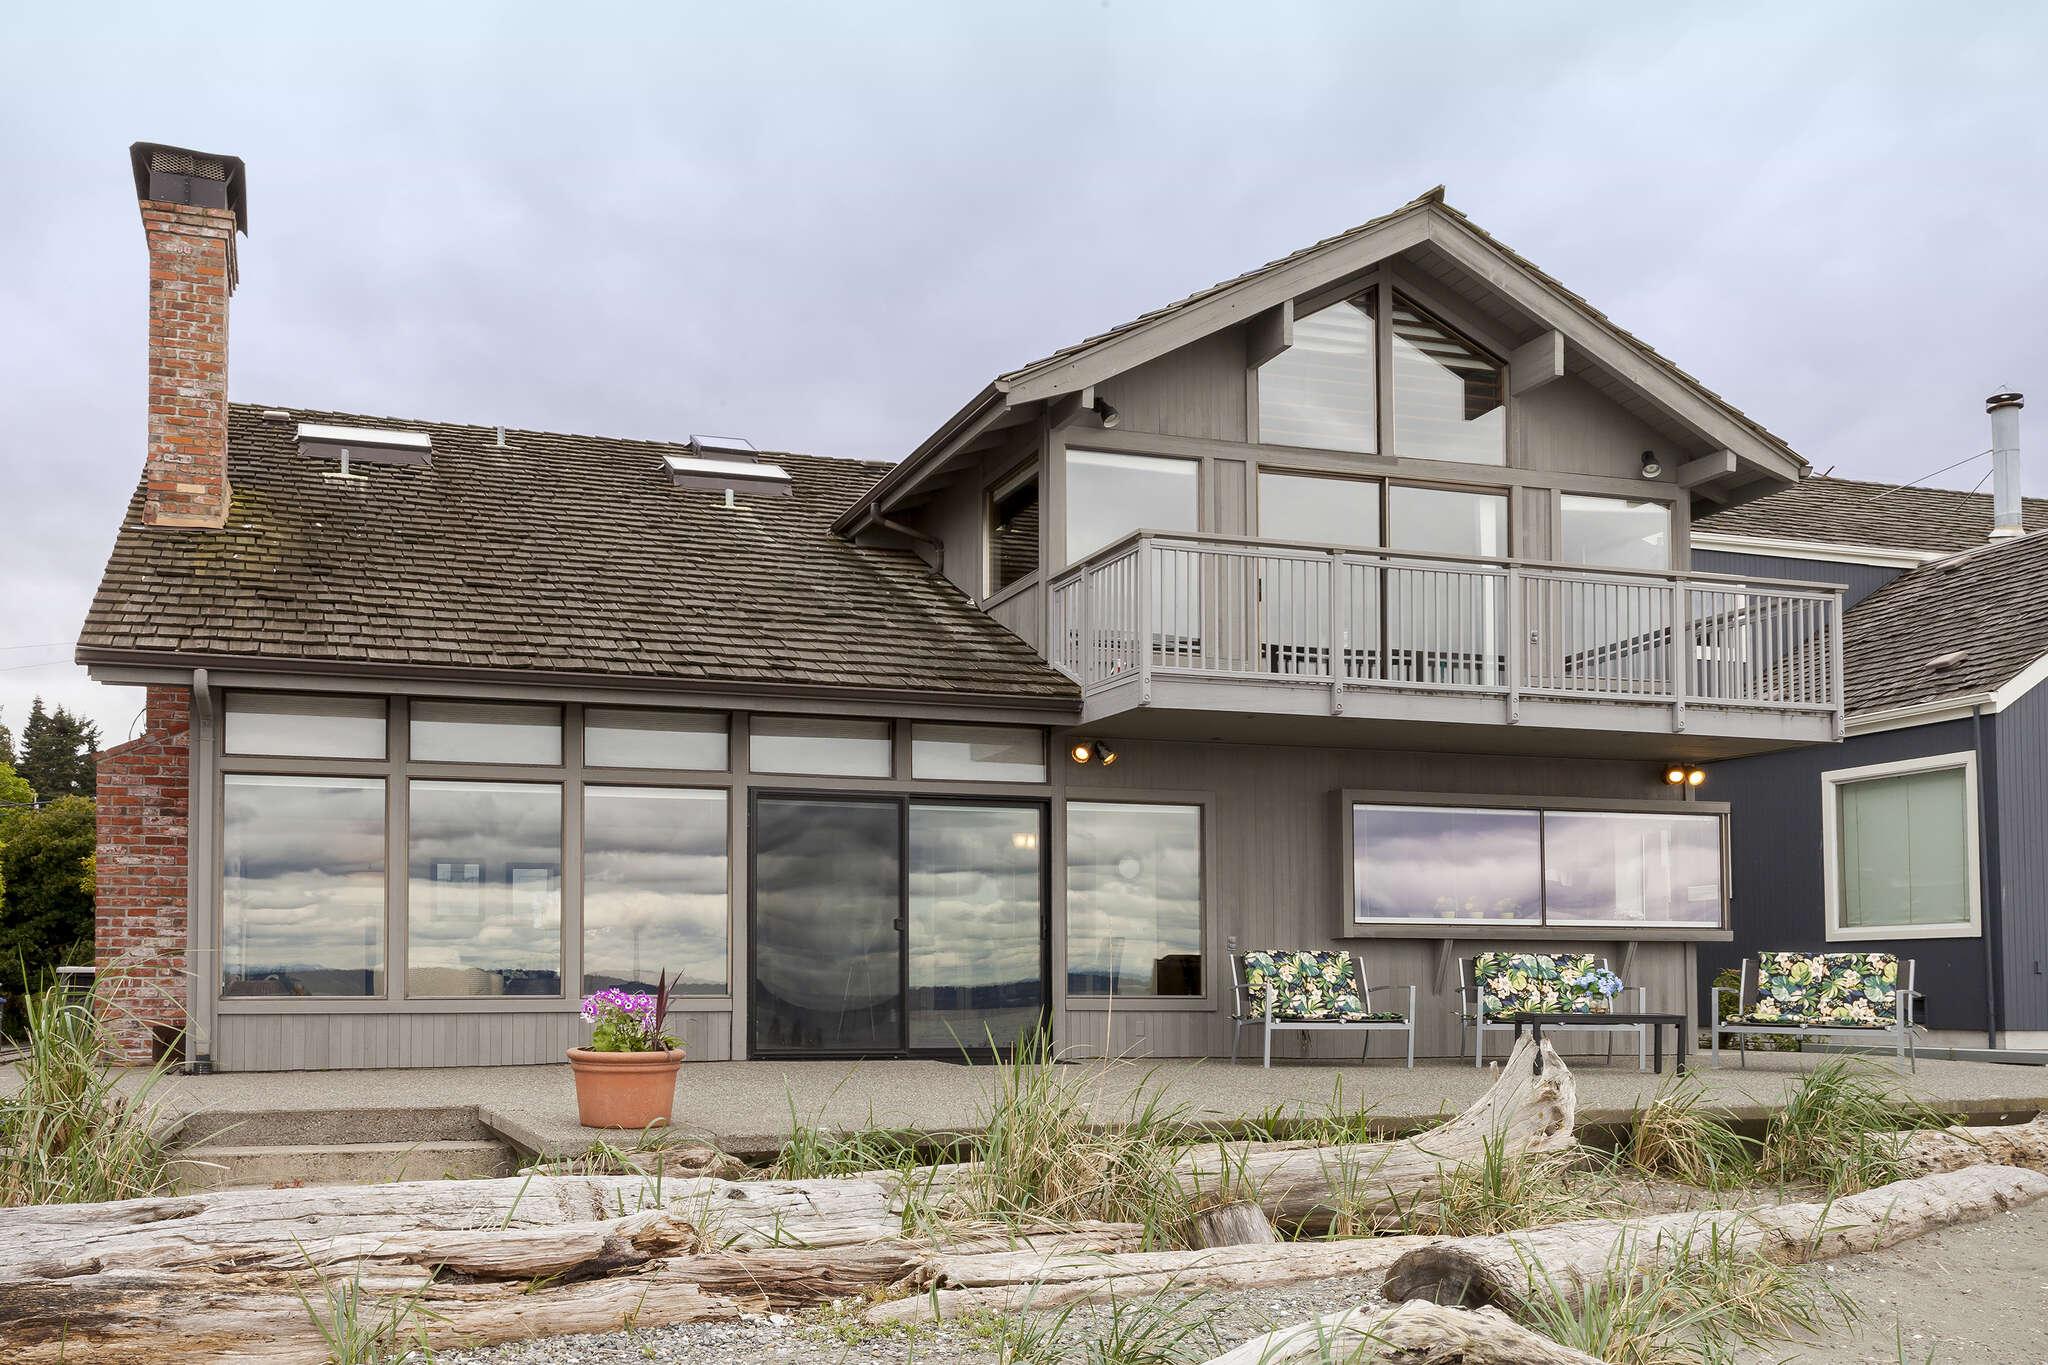 Single Family for Sale at 15630 Point Monroe Dr NE Bainbridge Island, Washington 98110 United States